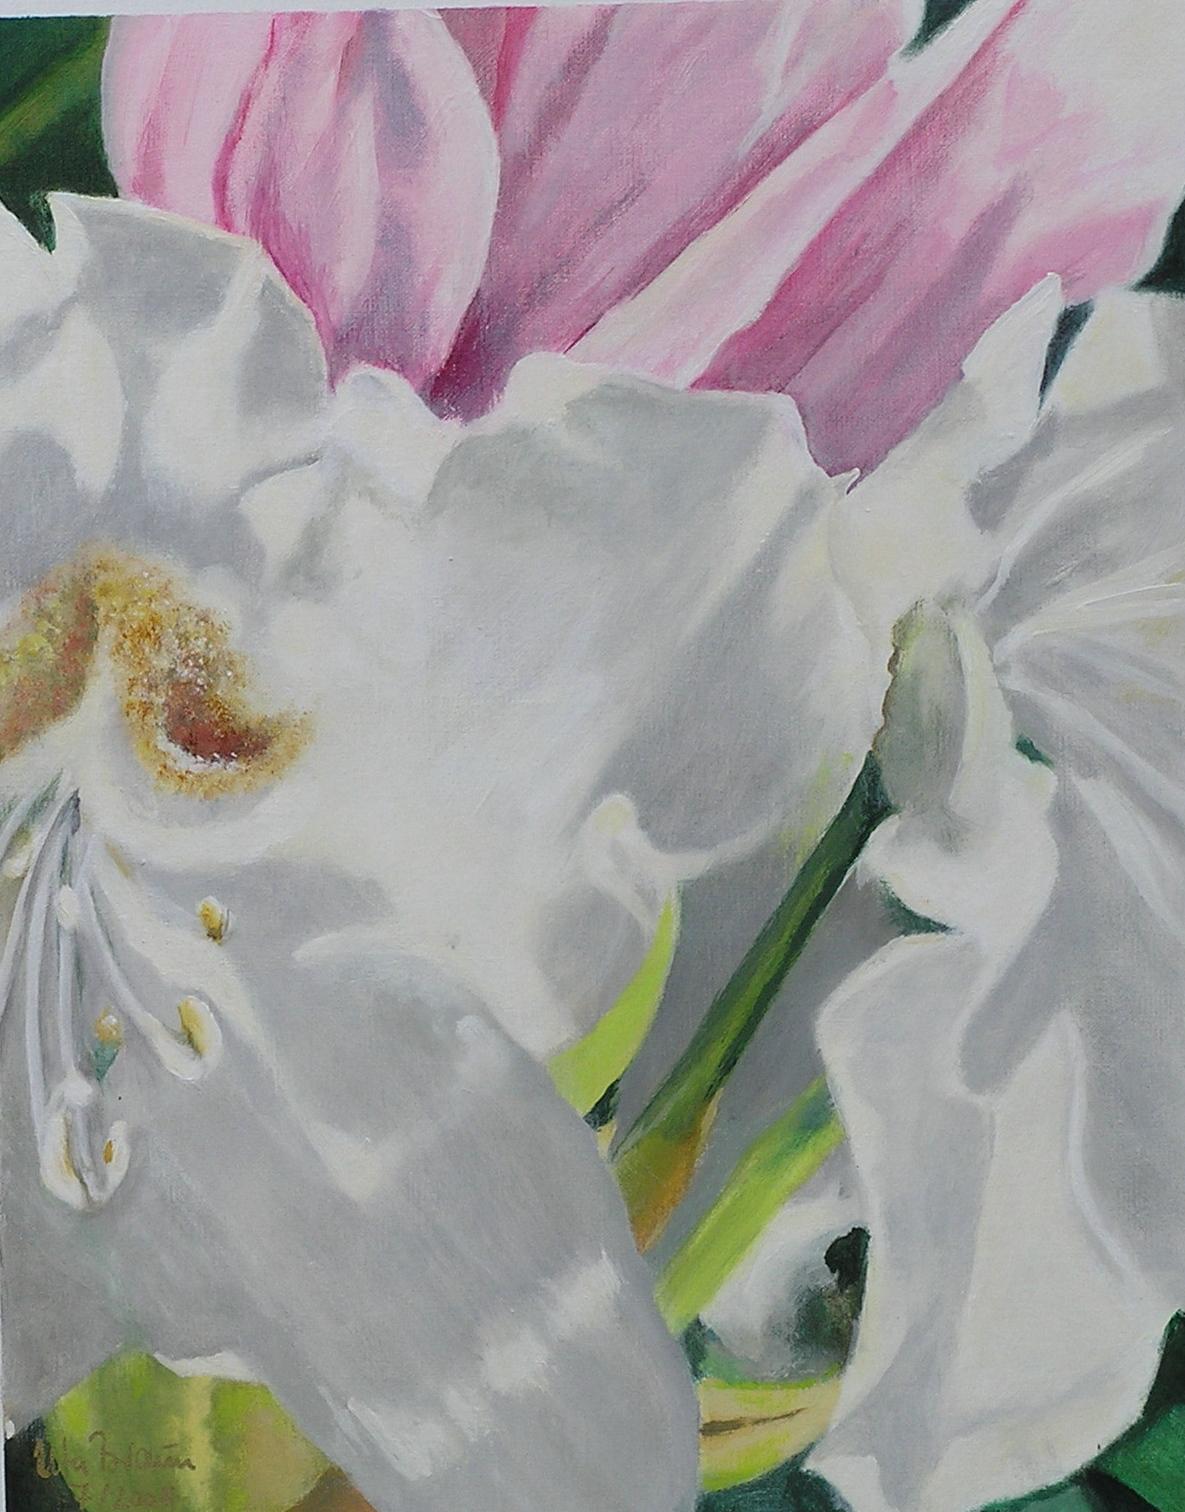 Blütenstruktur weißer Rhododendron (1) (40 x 50)